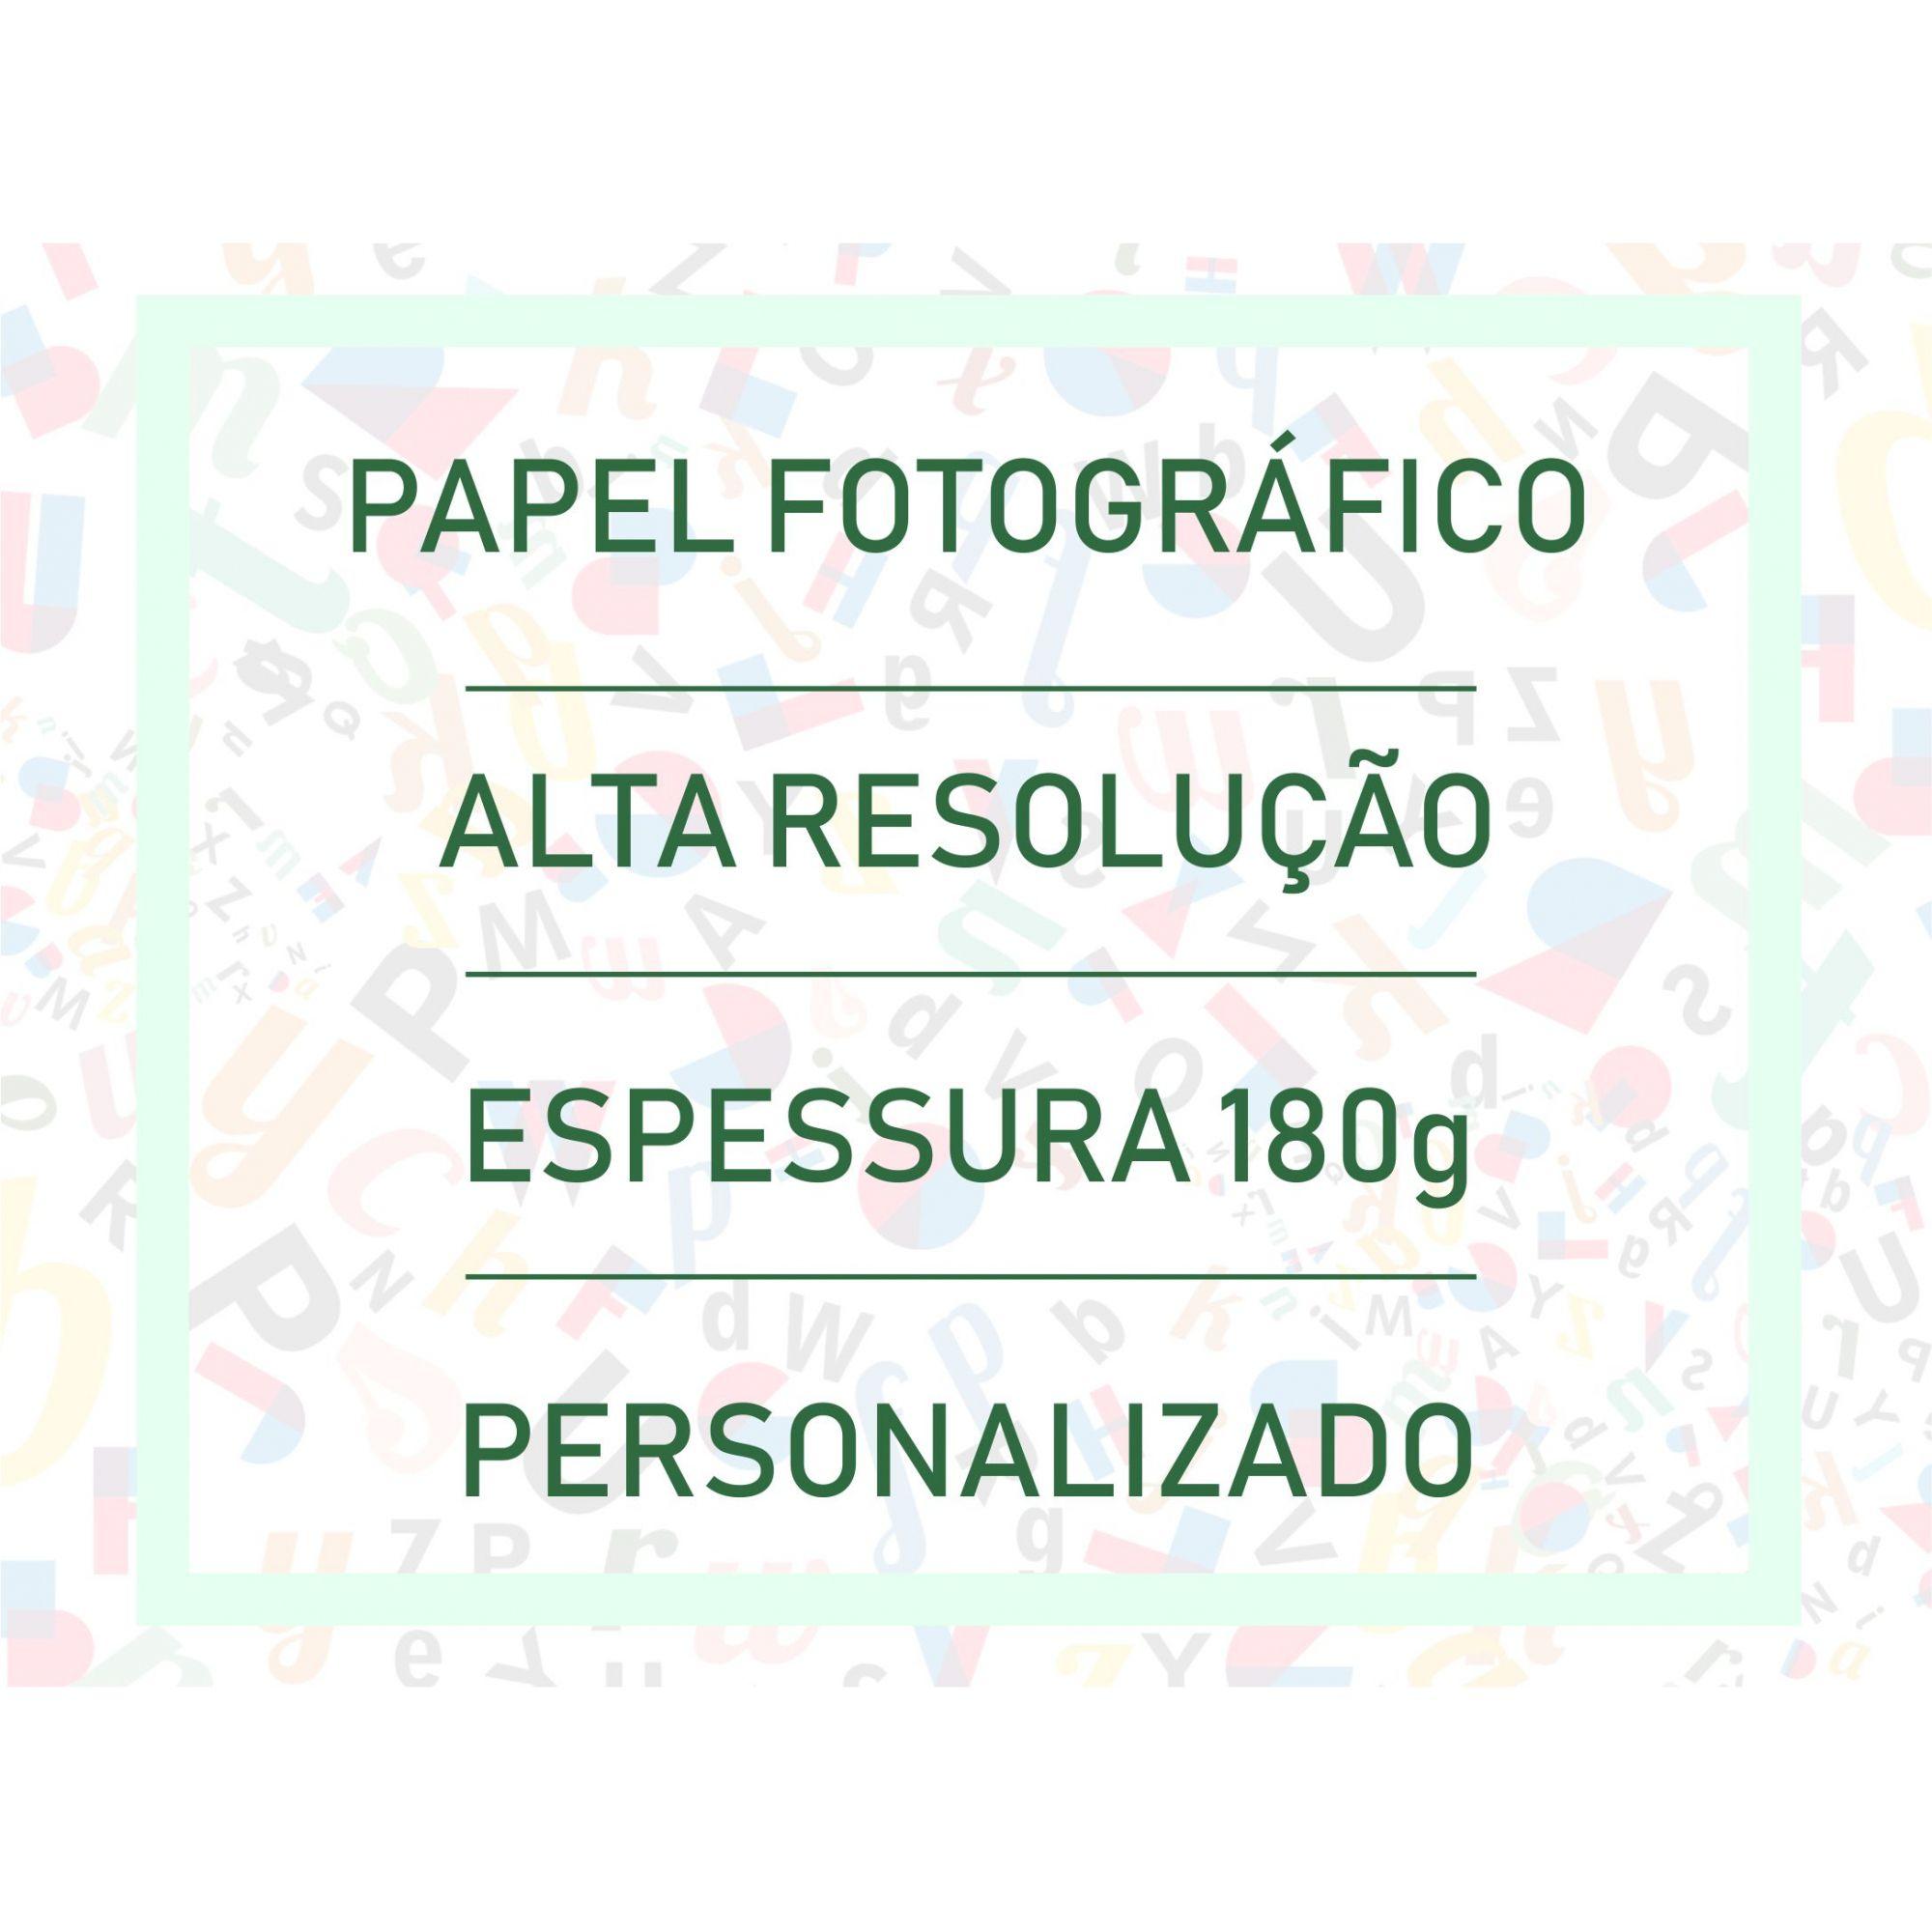 KIT 17 - 06 PRANCHAS NOMEAÇÃO RÁPIDA OPOSIÇÃO SURDO E SONORO